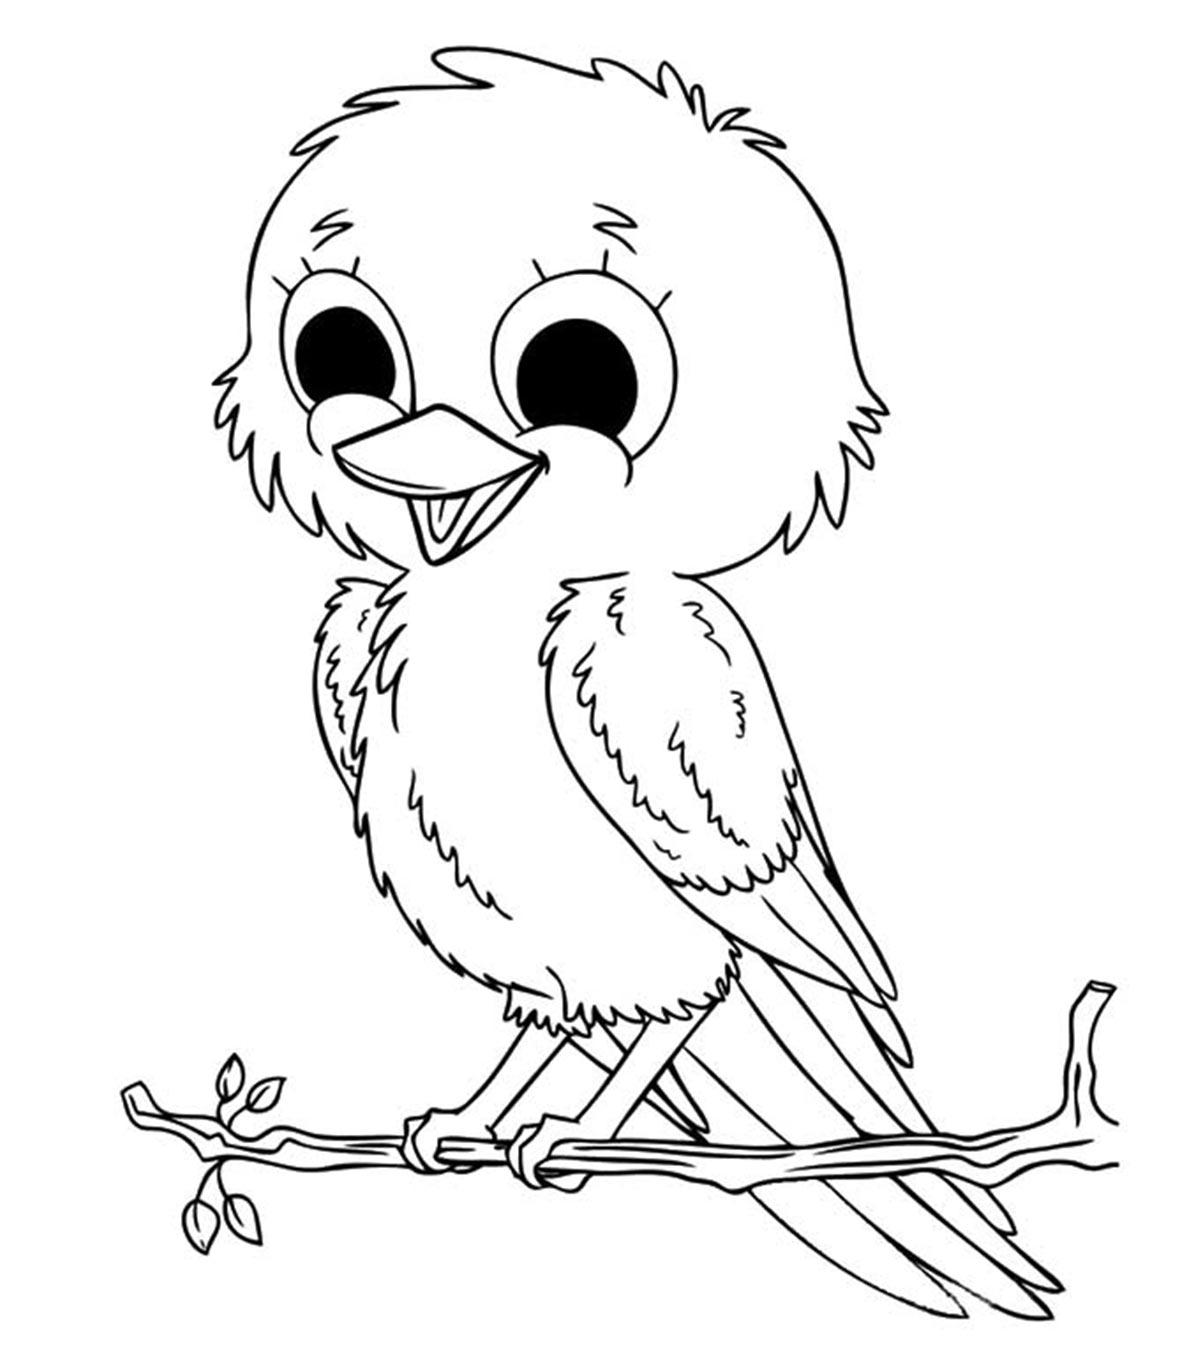 Tranh tô màu chú chim đầu to cho bé